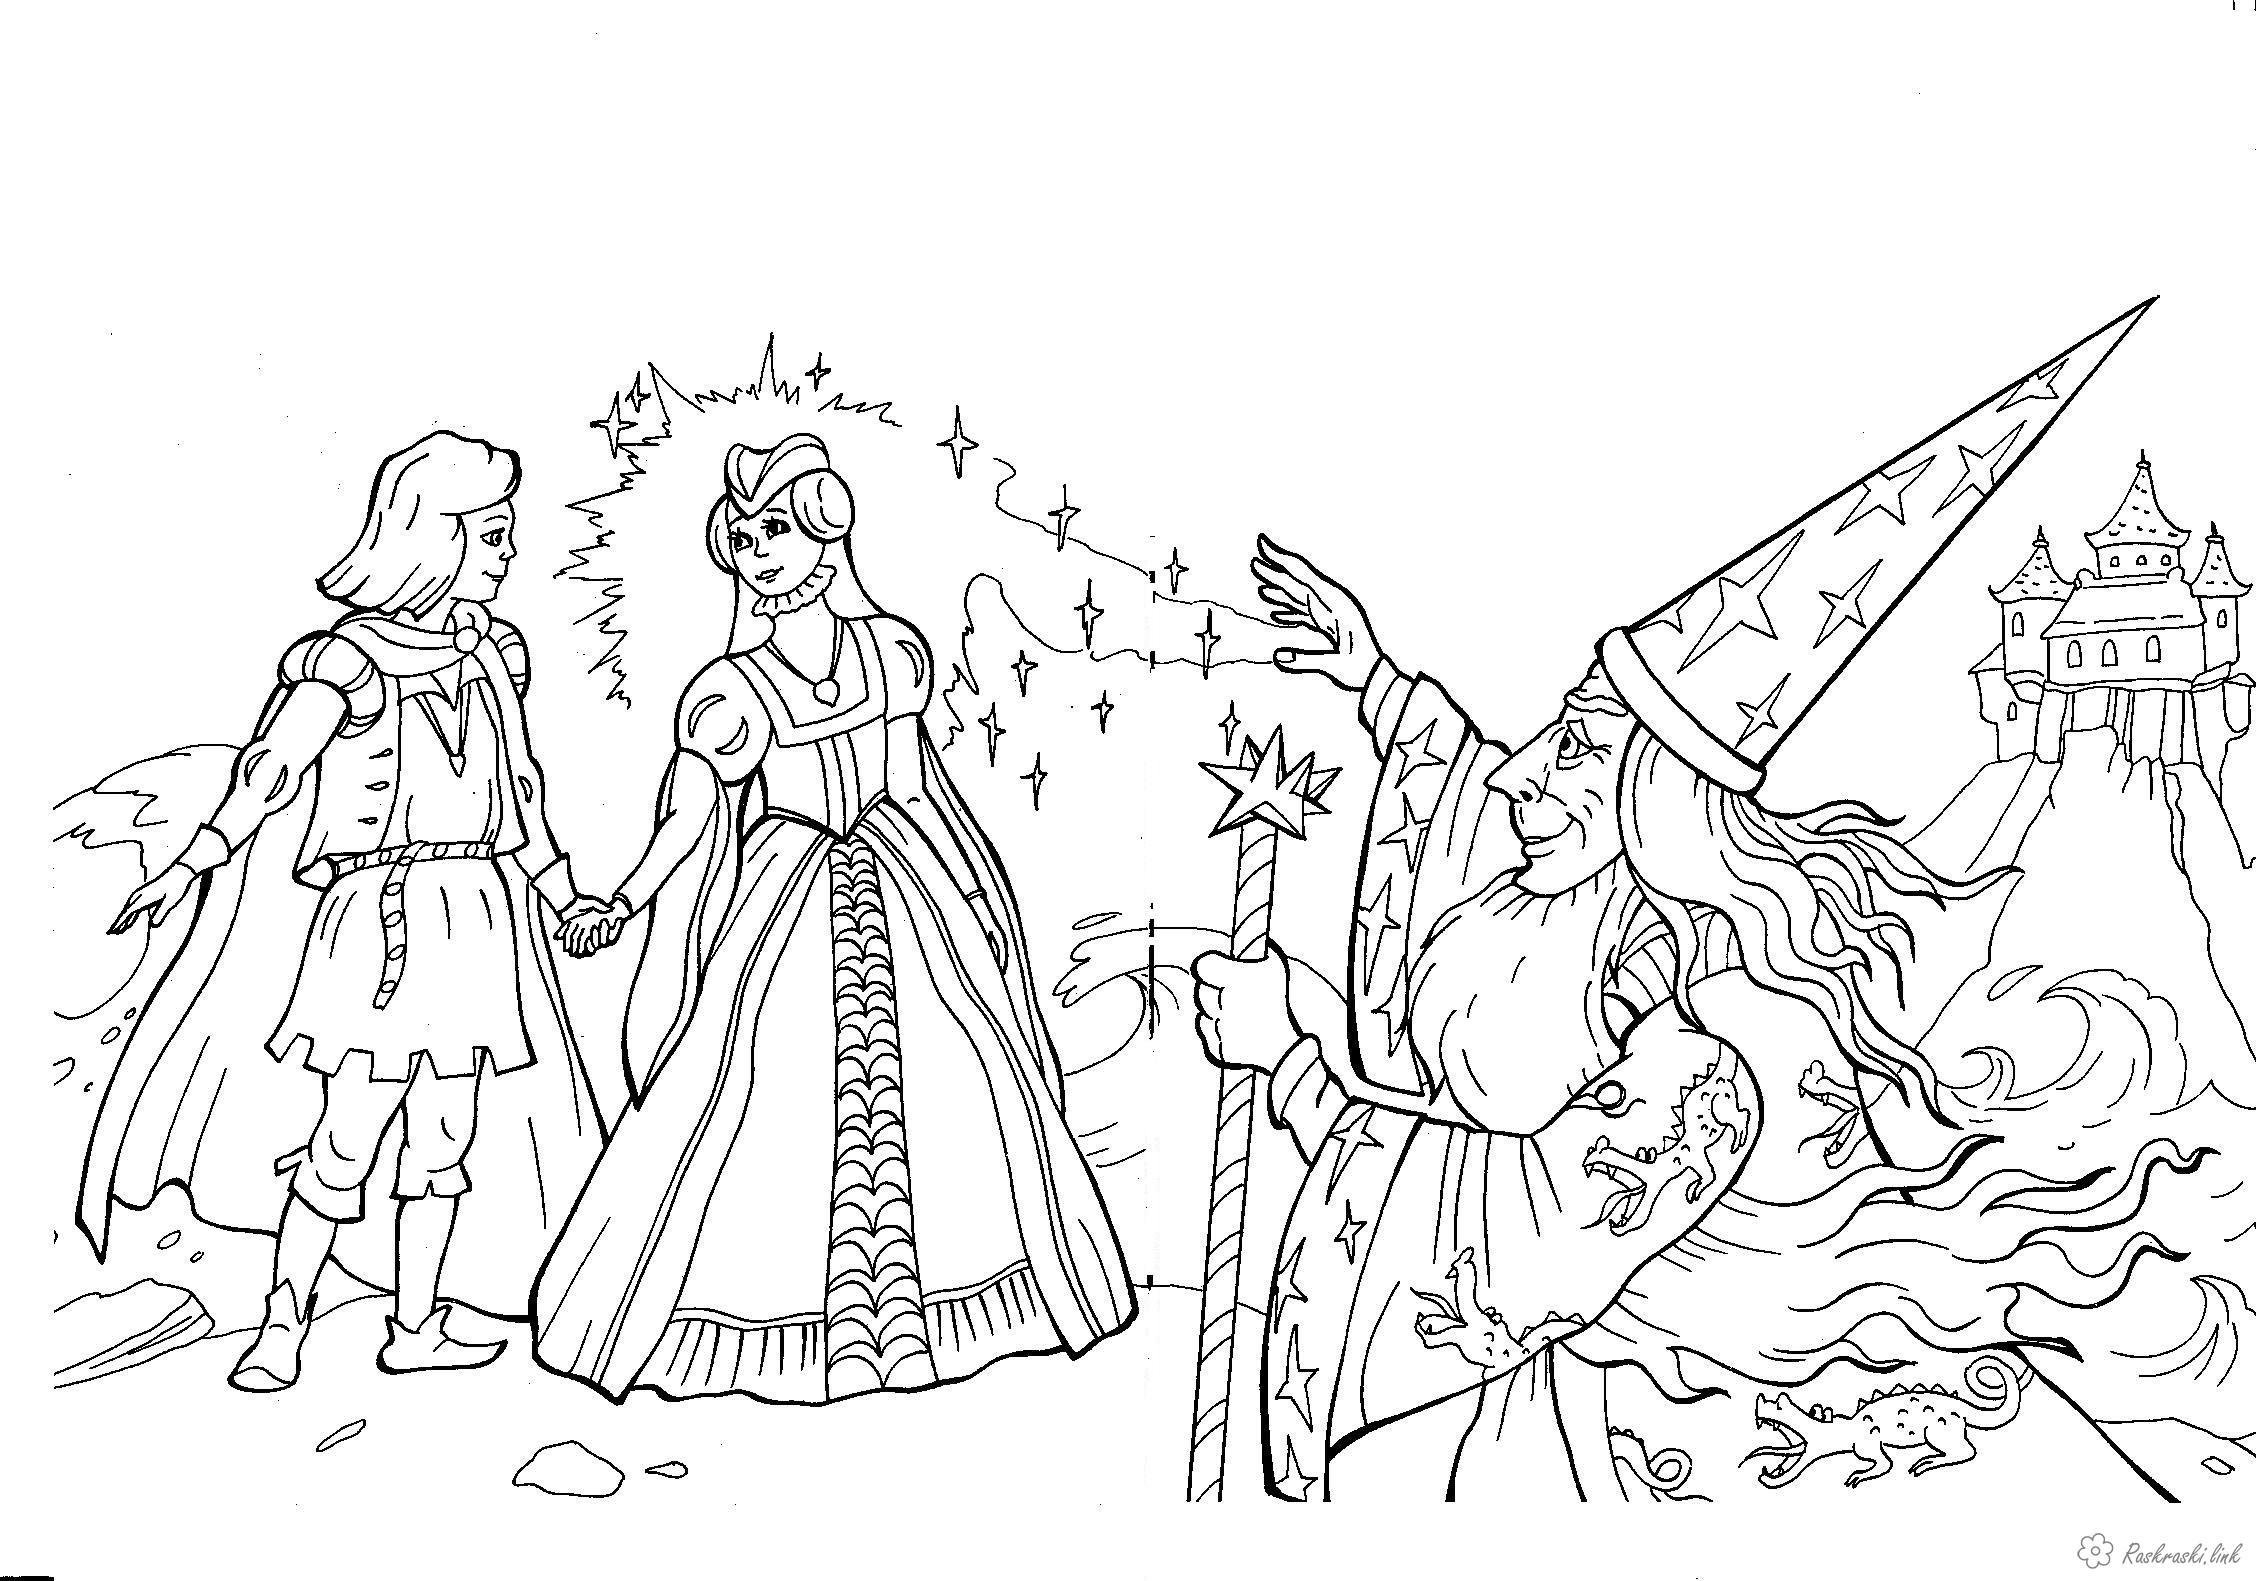 Раскраски нос карлик нос, раскраска, мультфильм, Гауф, волшебство, колдунья, Мими, Якоб, юноша